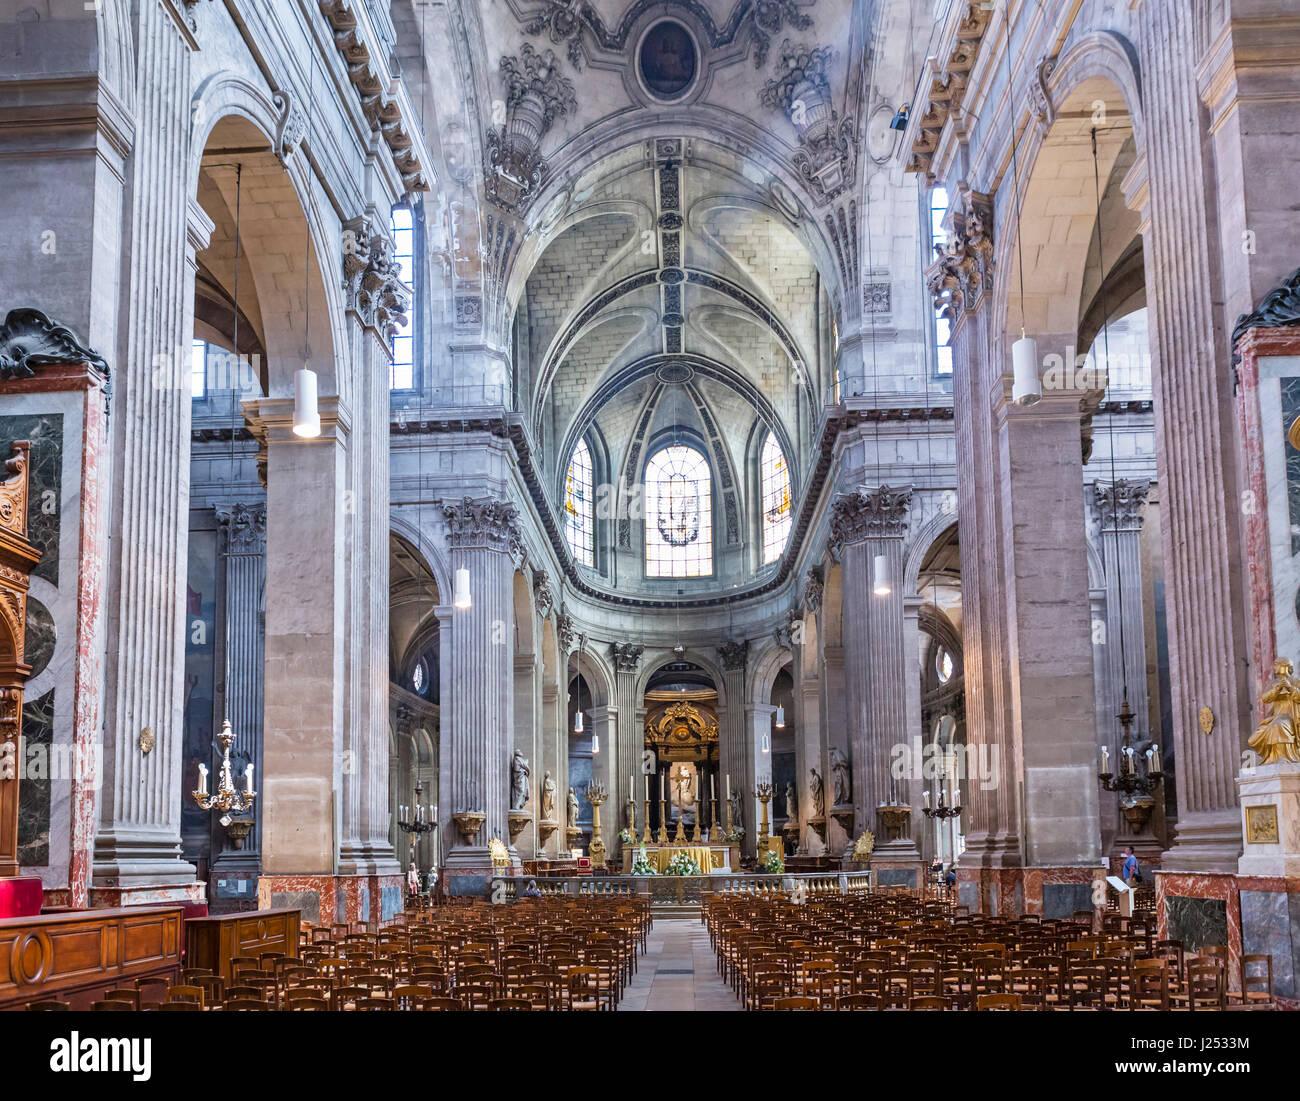 Interior de la iglesia de Saint-Sulpice, en París, Francia Imagen De Stock